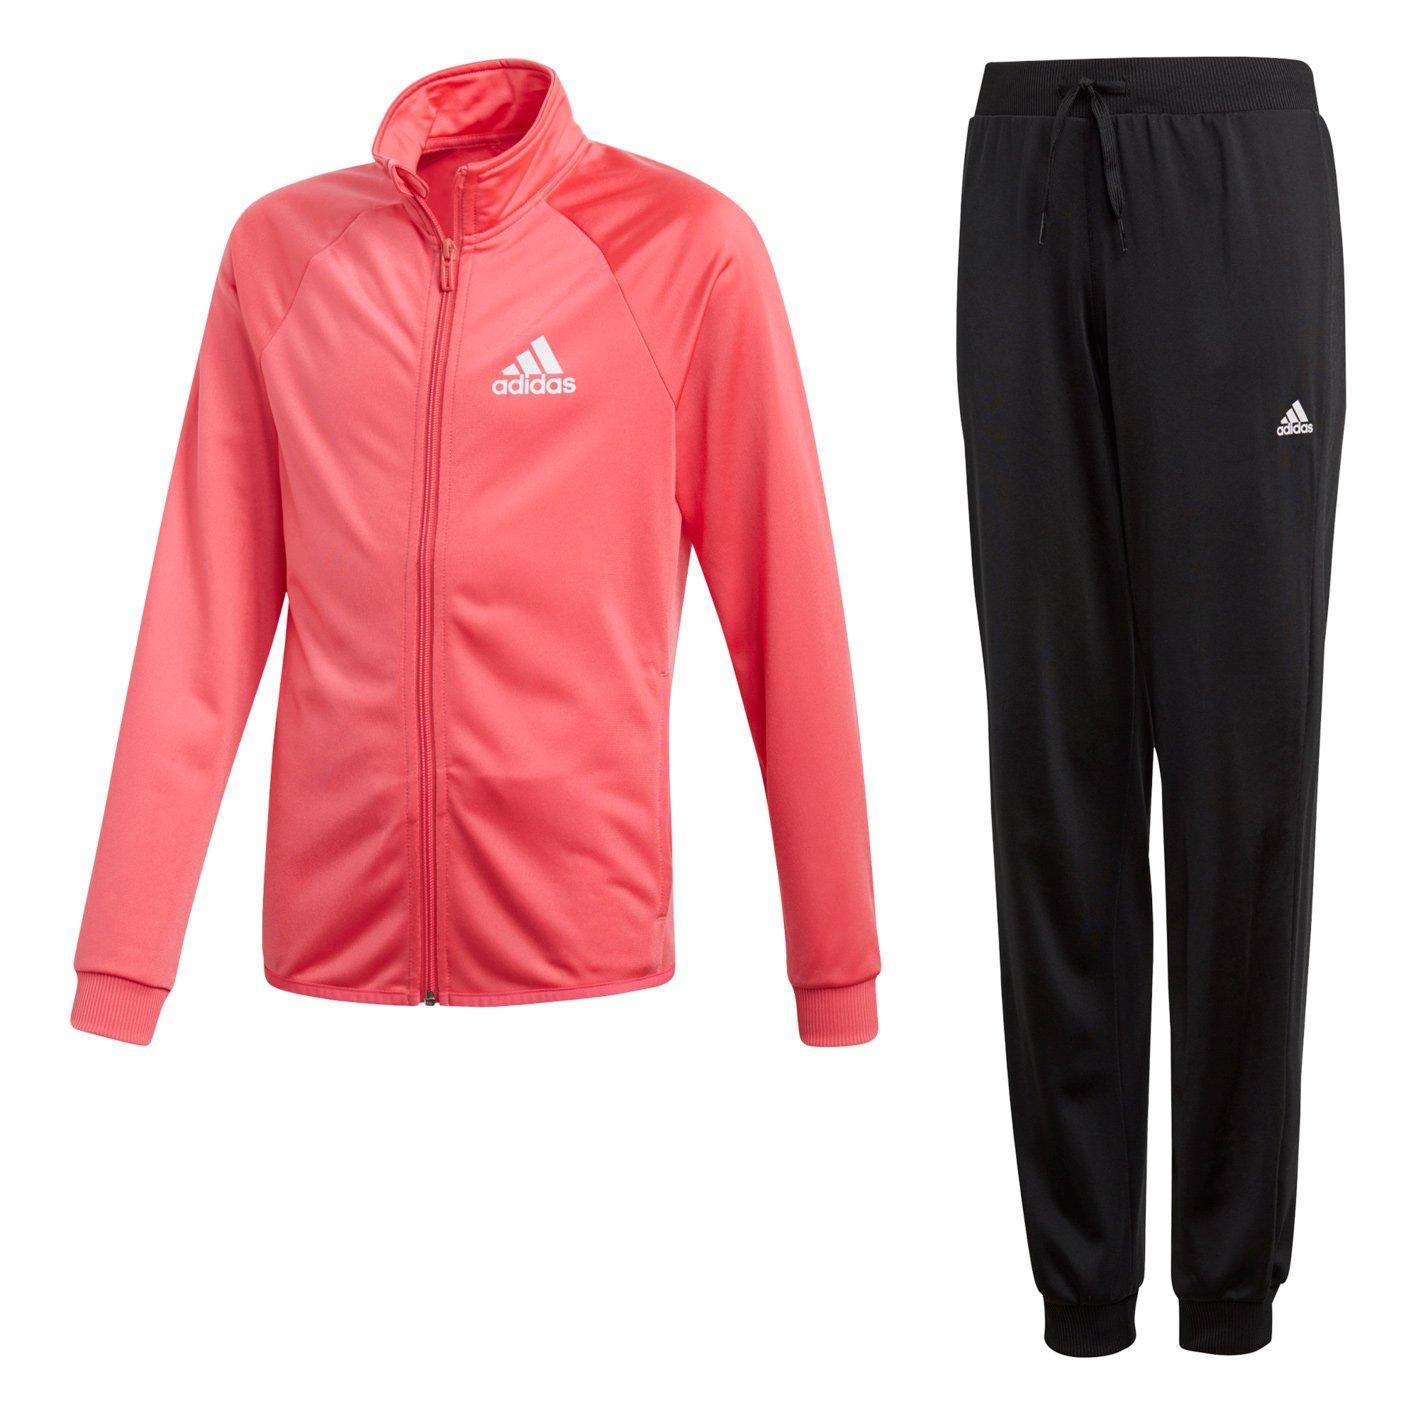 a5952201a Agasalho Infantil Adidas Yg S Entry Ts Feminino - Compre Agora